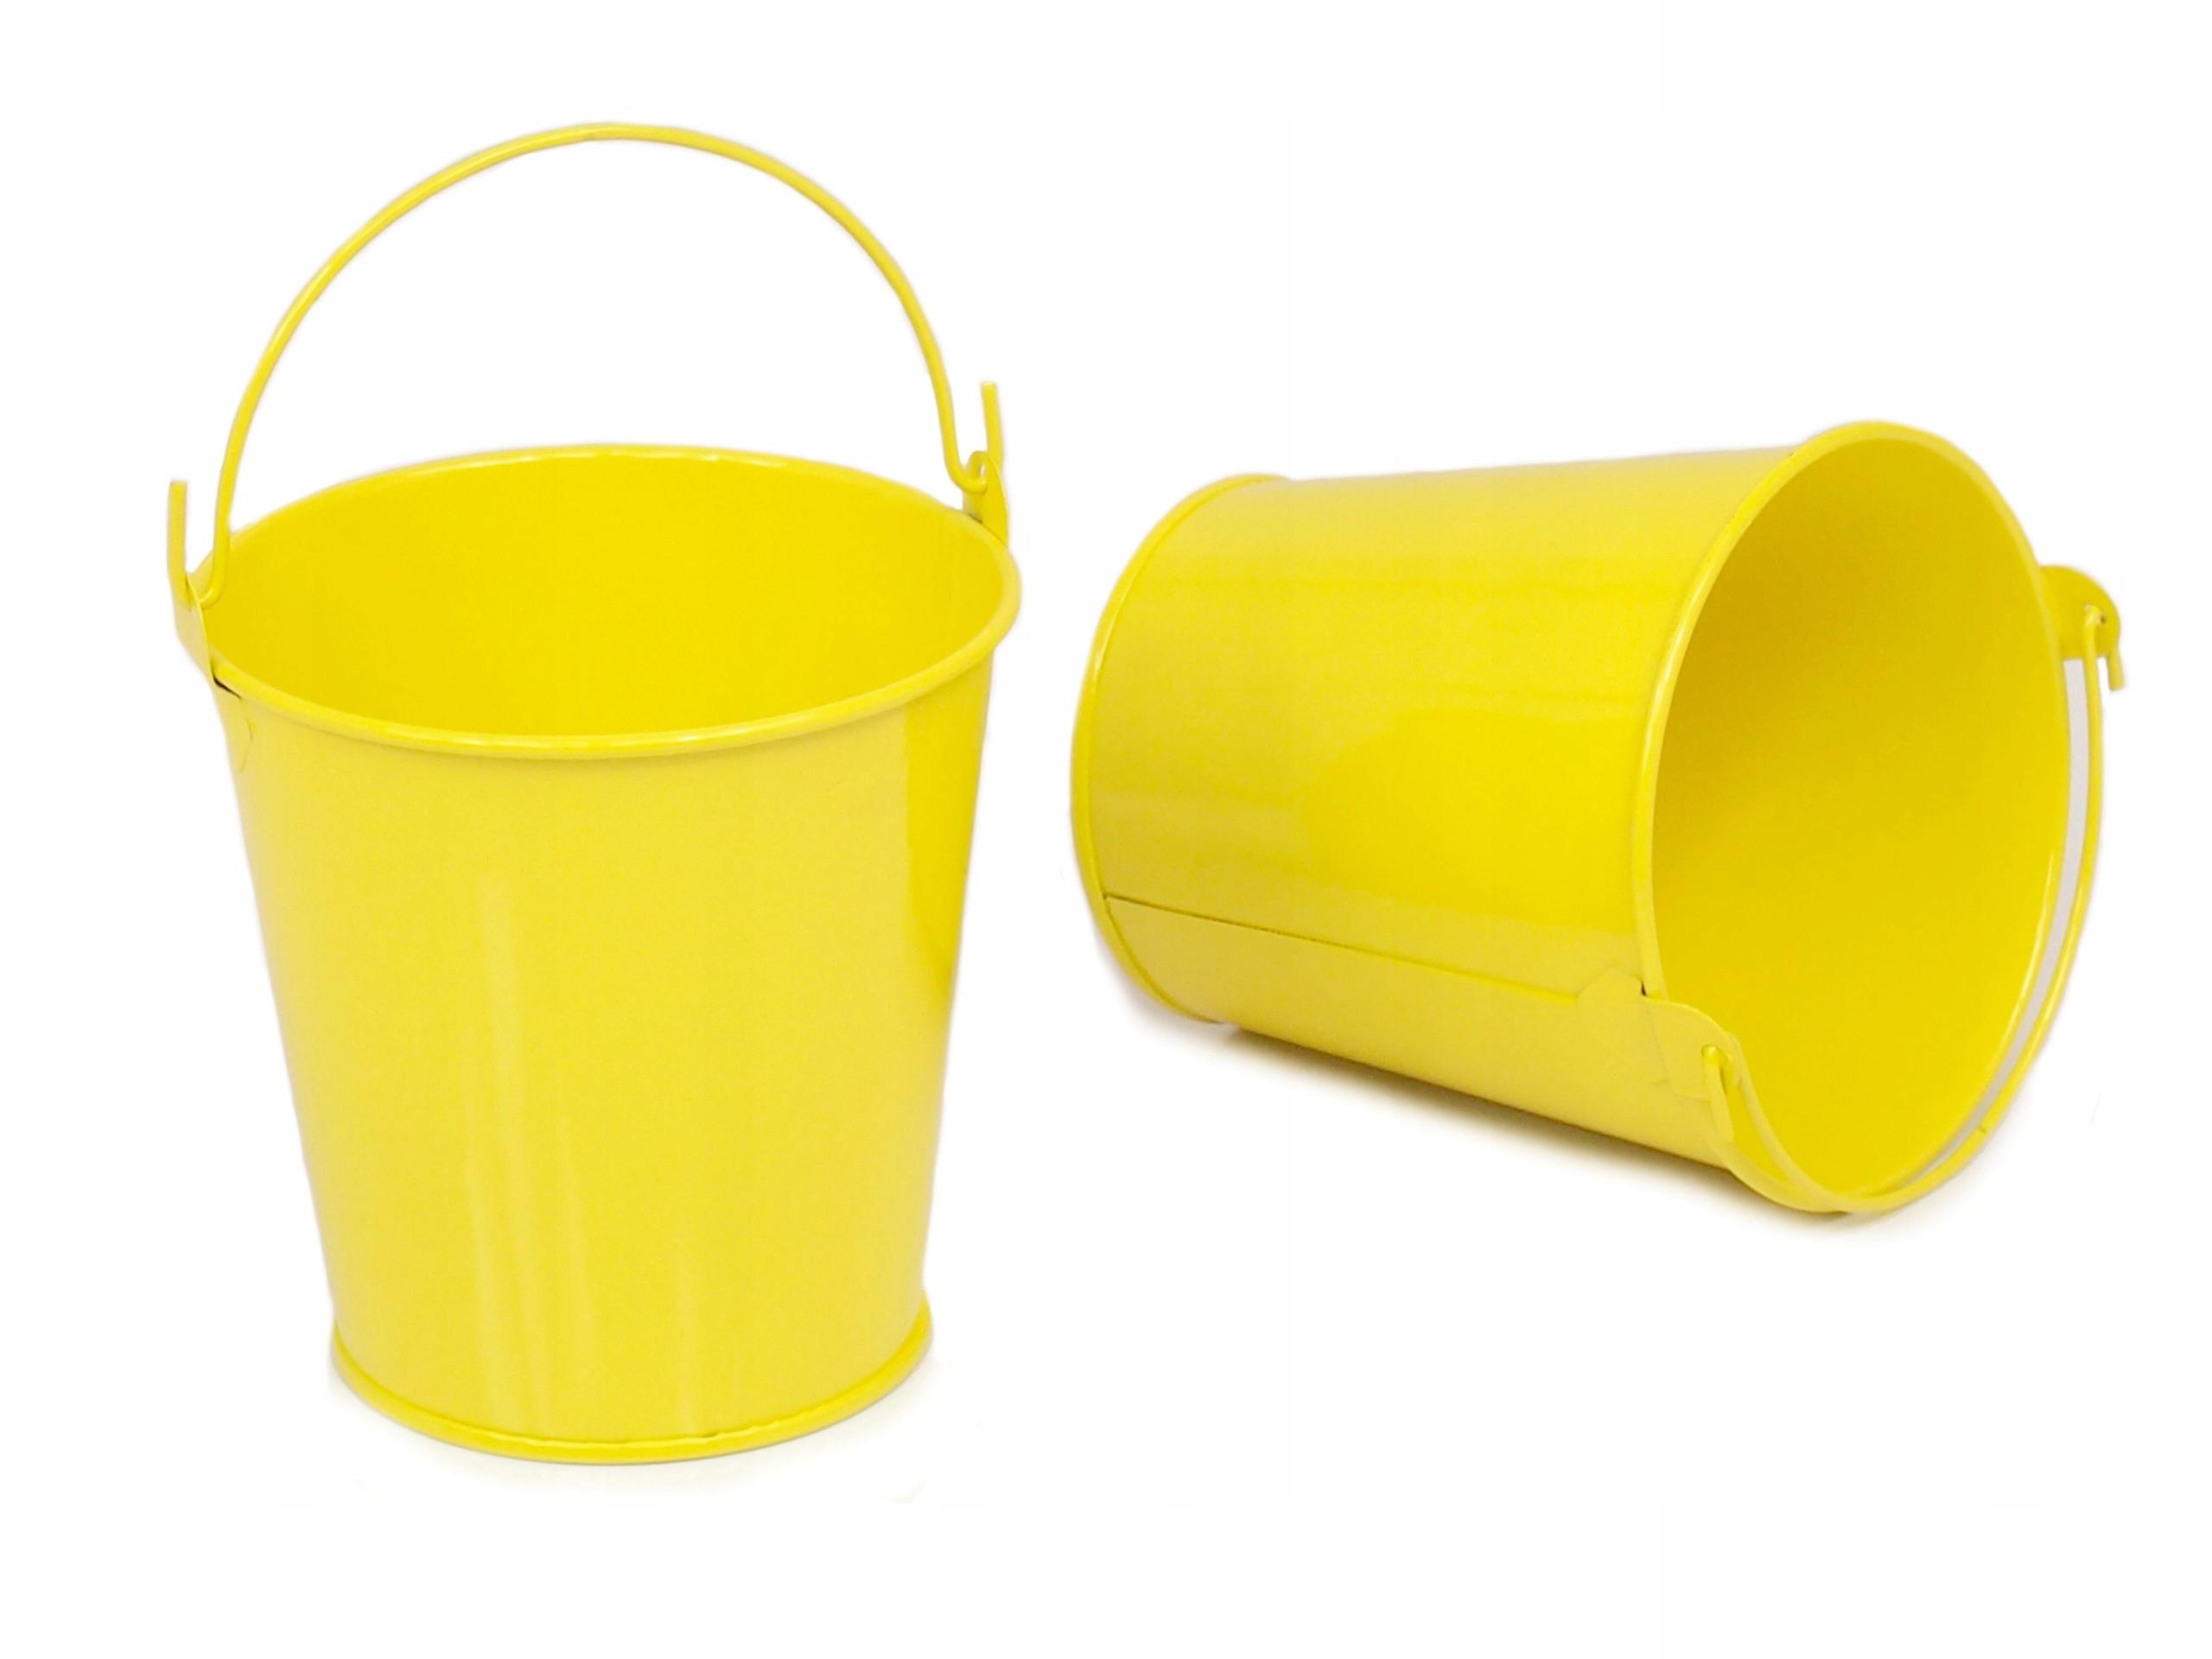 13 Cm Doniczka Osłonka Wiaderko żółte Przecena 7612761183